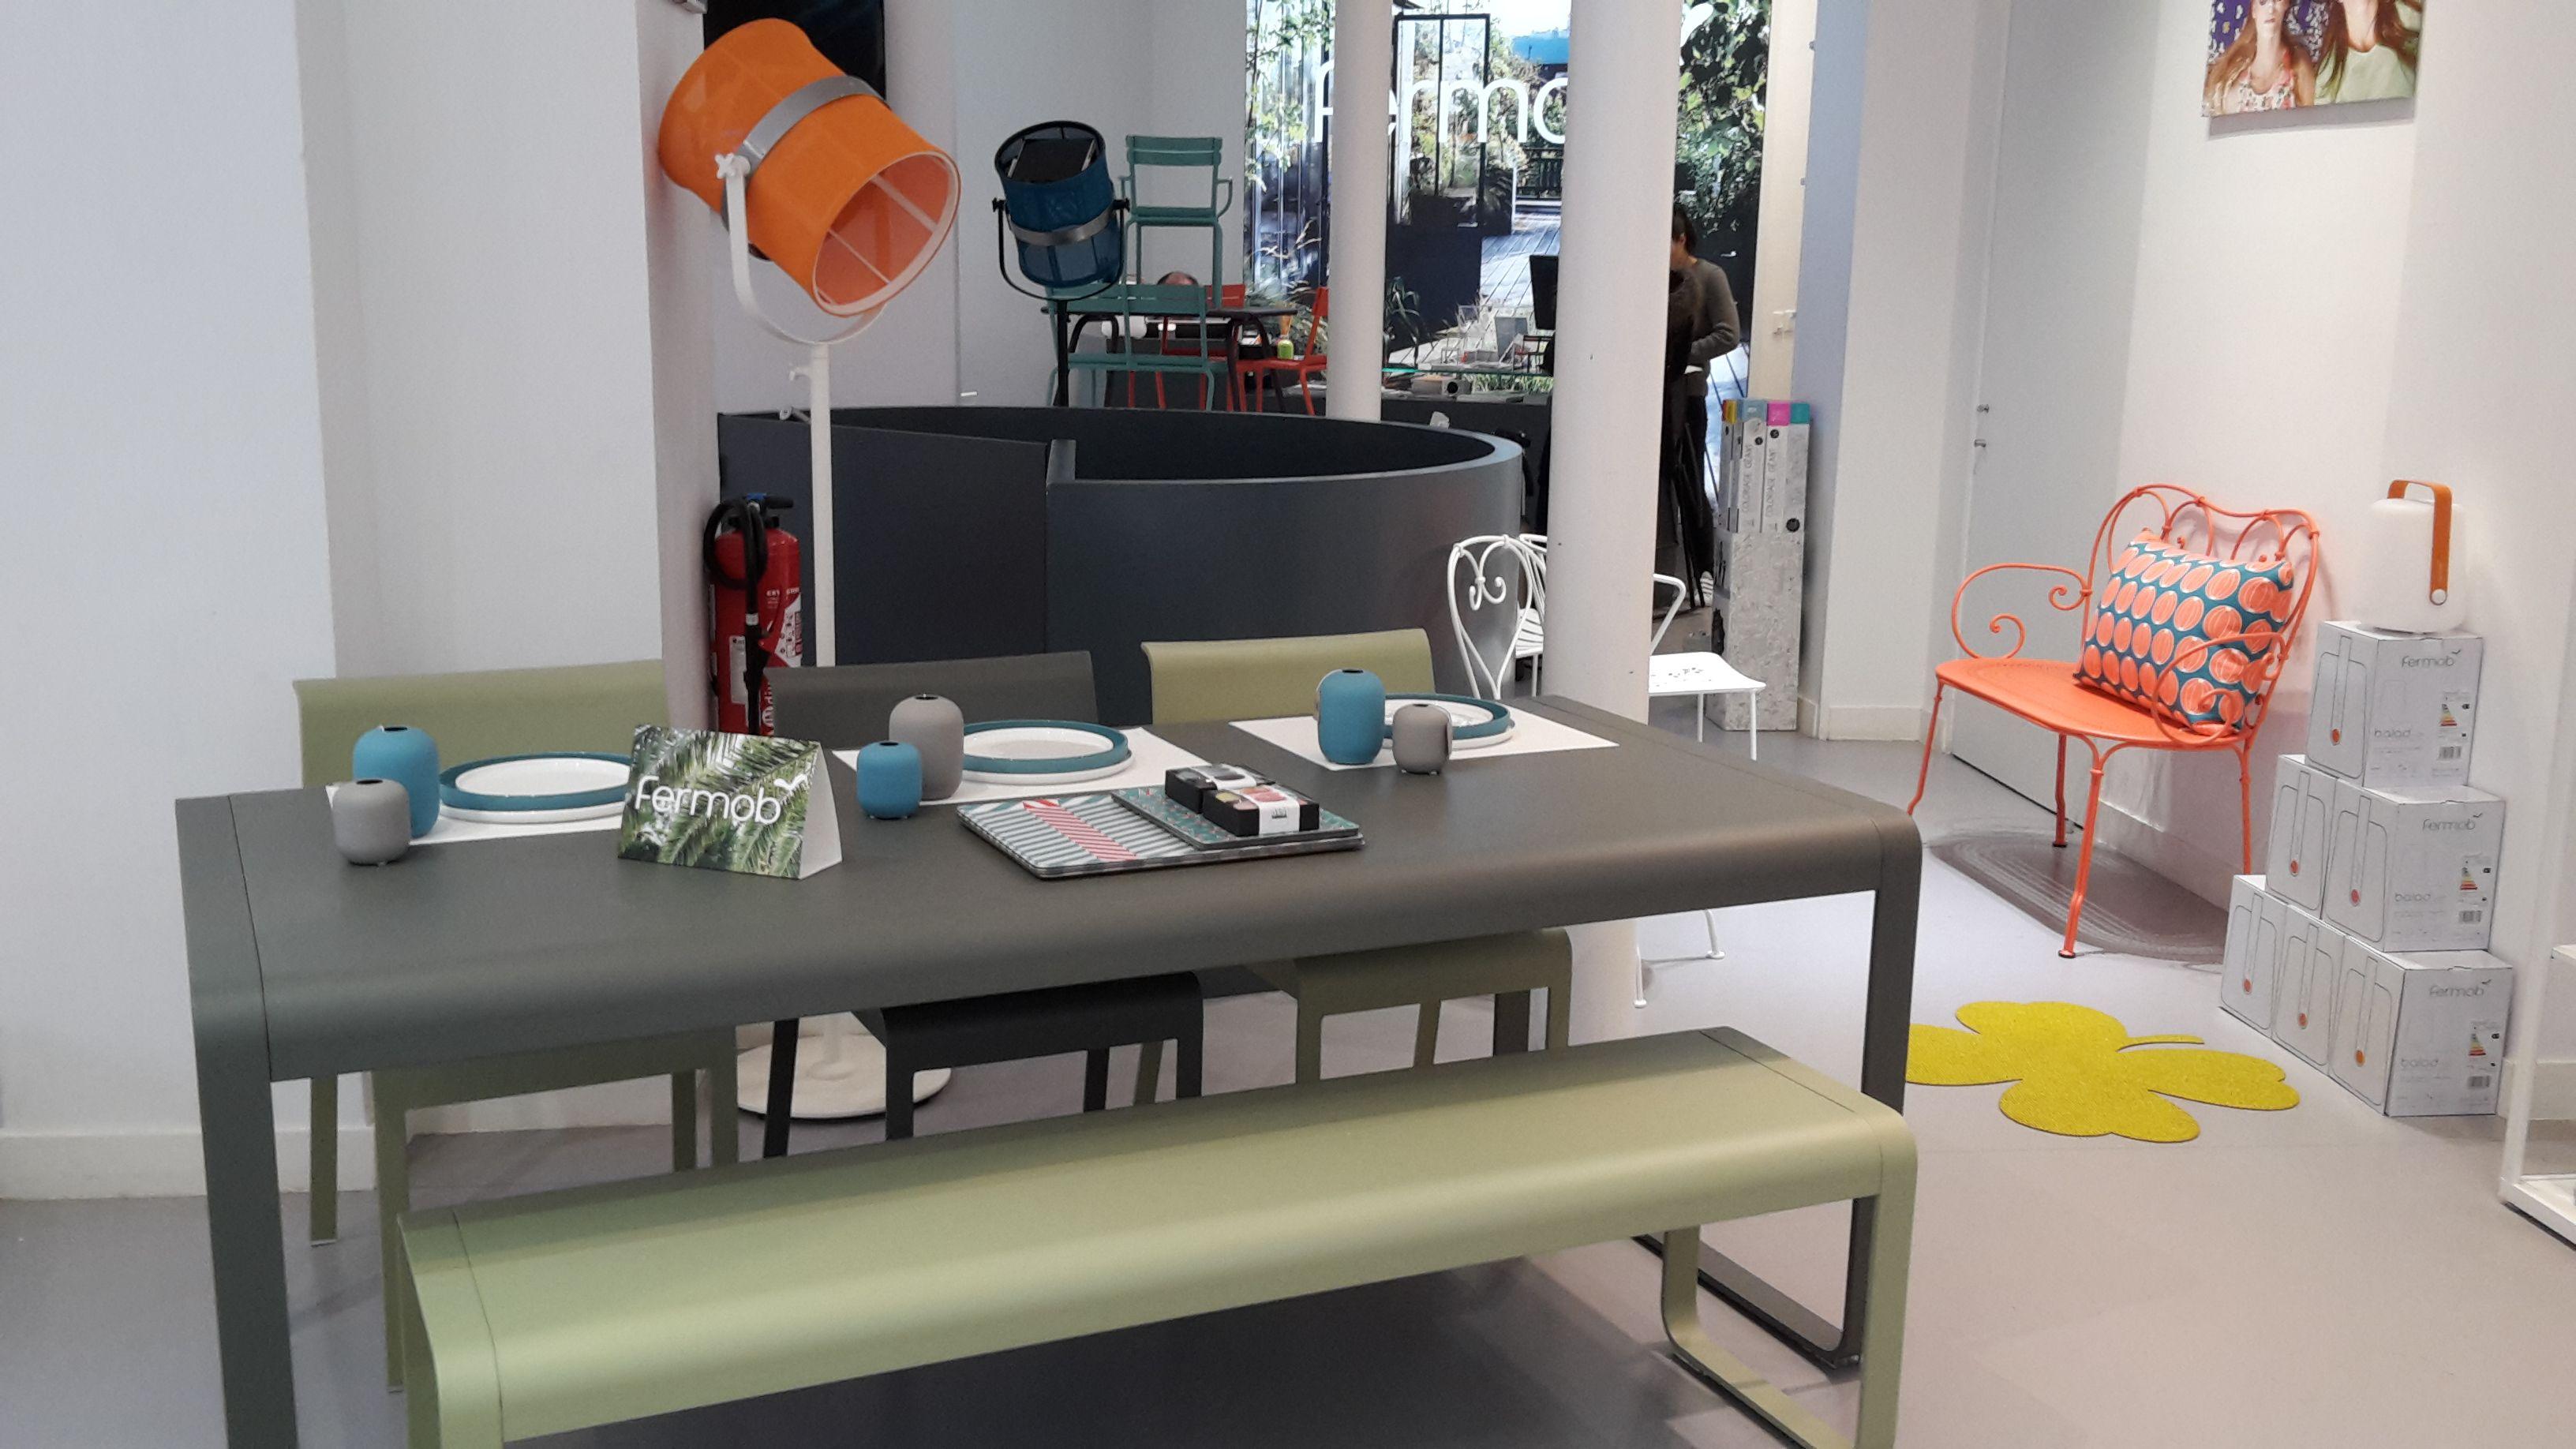 craquez pour la nouvelle couleur fermob romarin d co d coration maison jardin terrasse. Black Bedroom Furniture Sets. Home Design Ideas